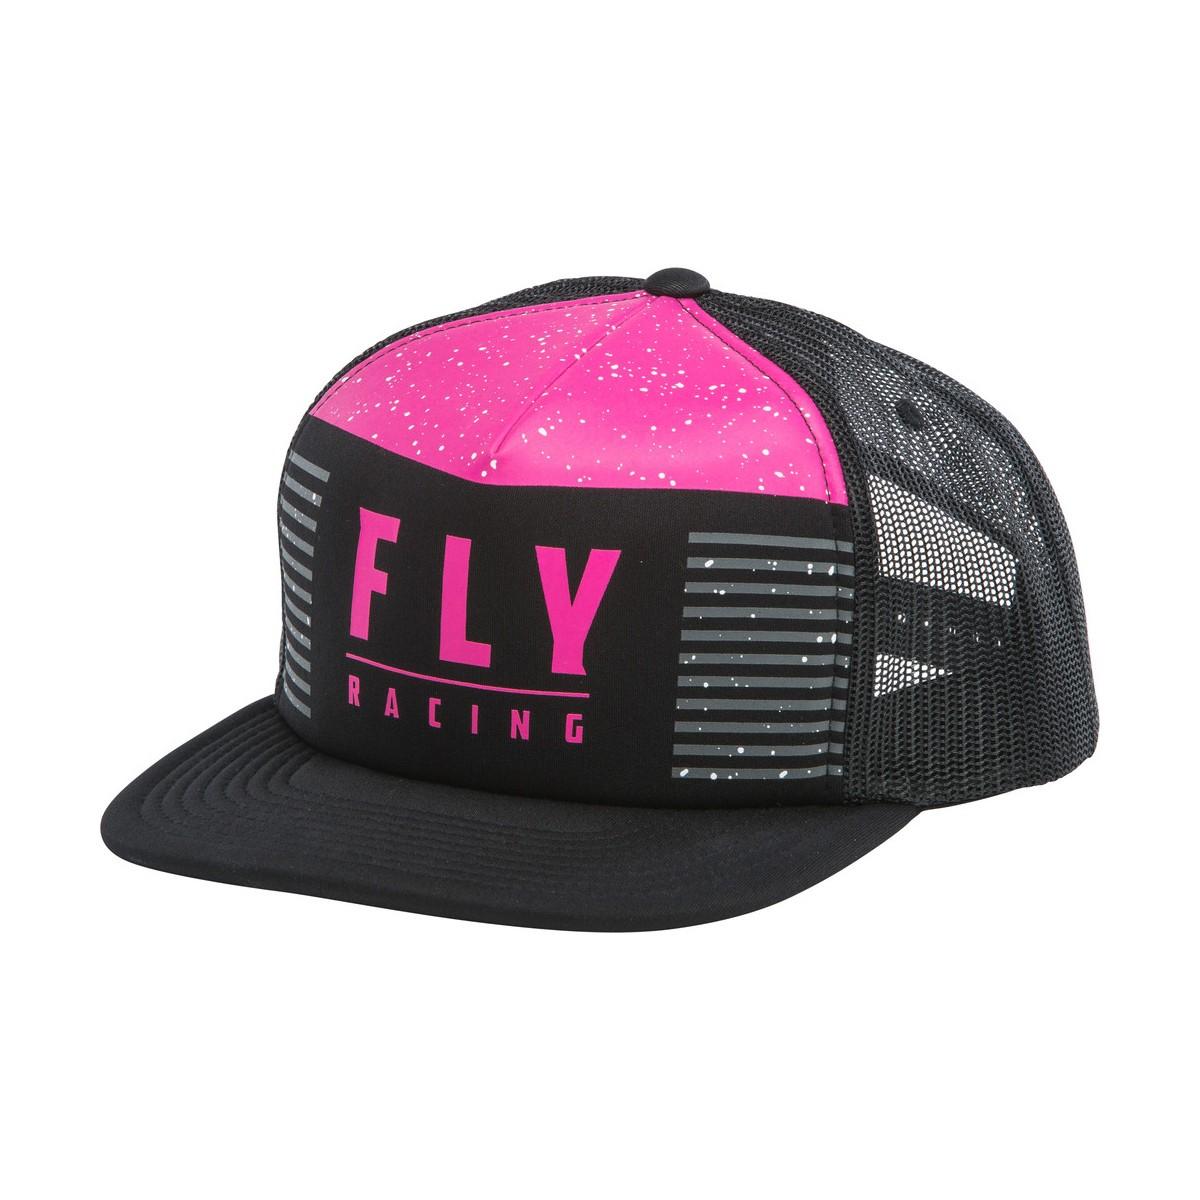 FLY HYDROGEN HAT